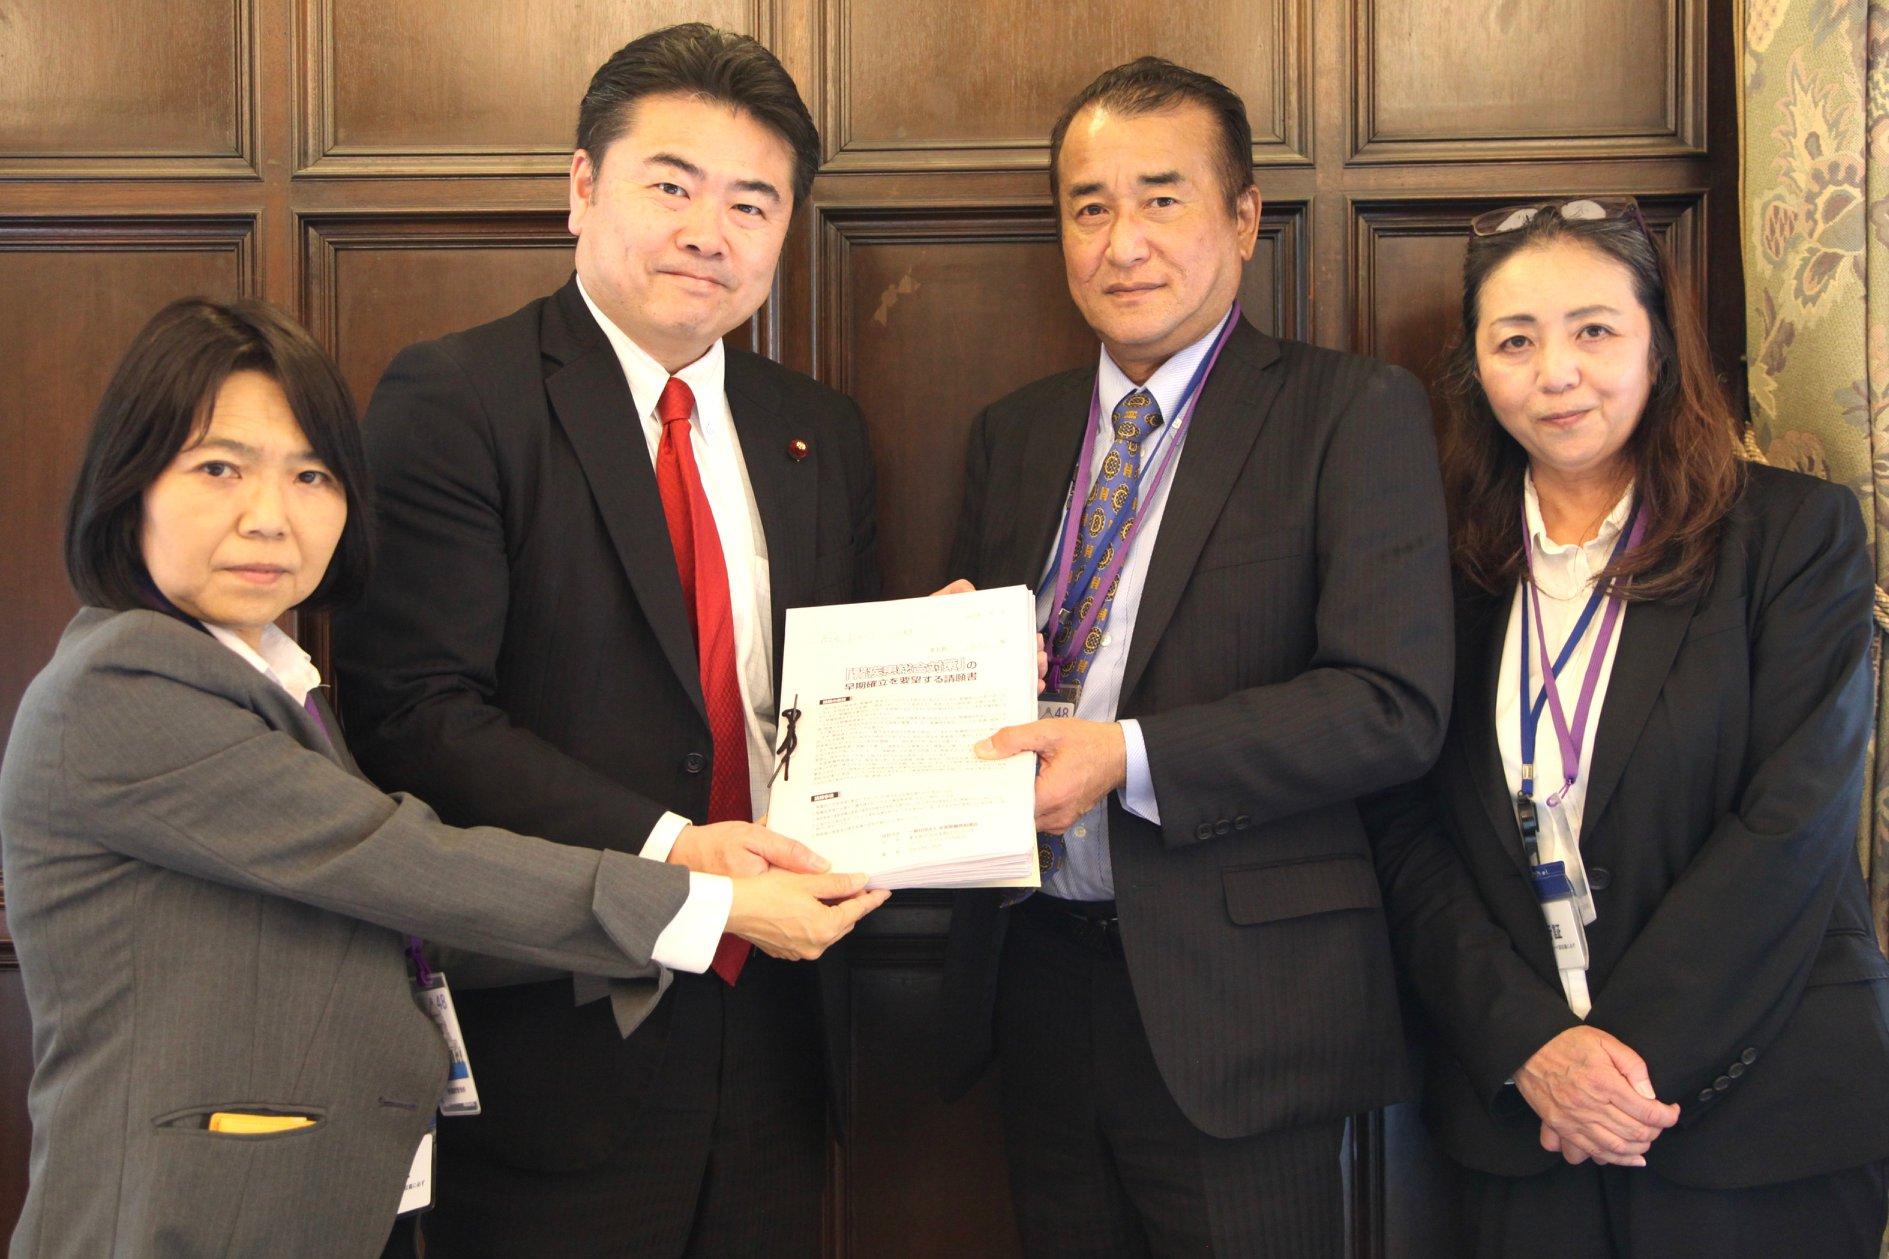 全国腎臓病協議会による第47次国会請願「『腎疾患総合対策』の早期確立を求める集い」